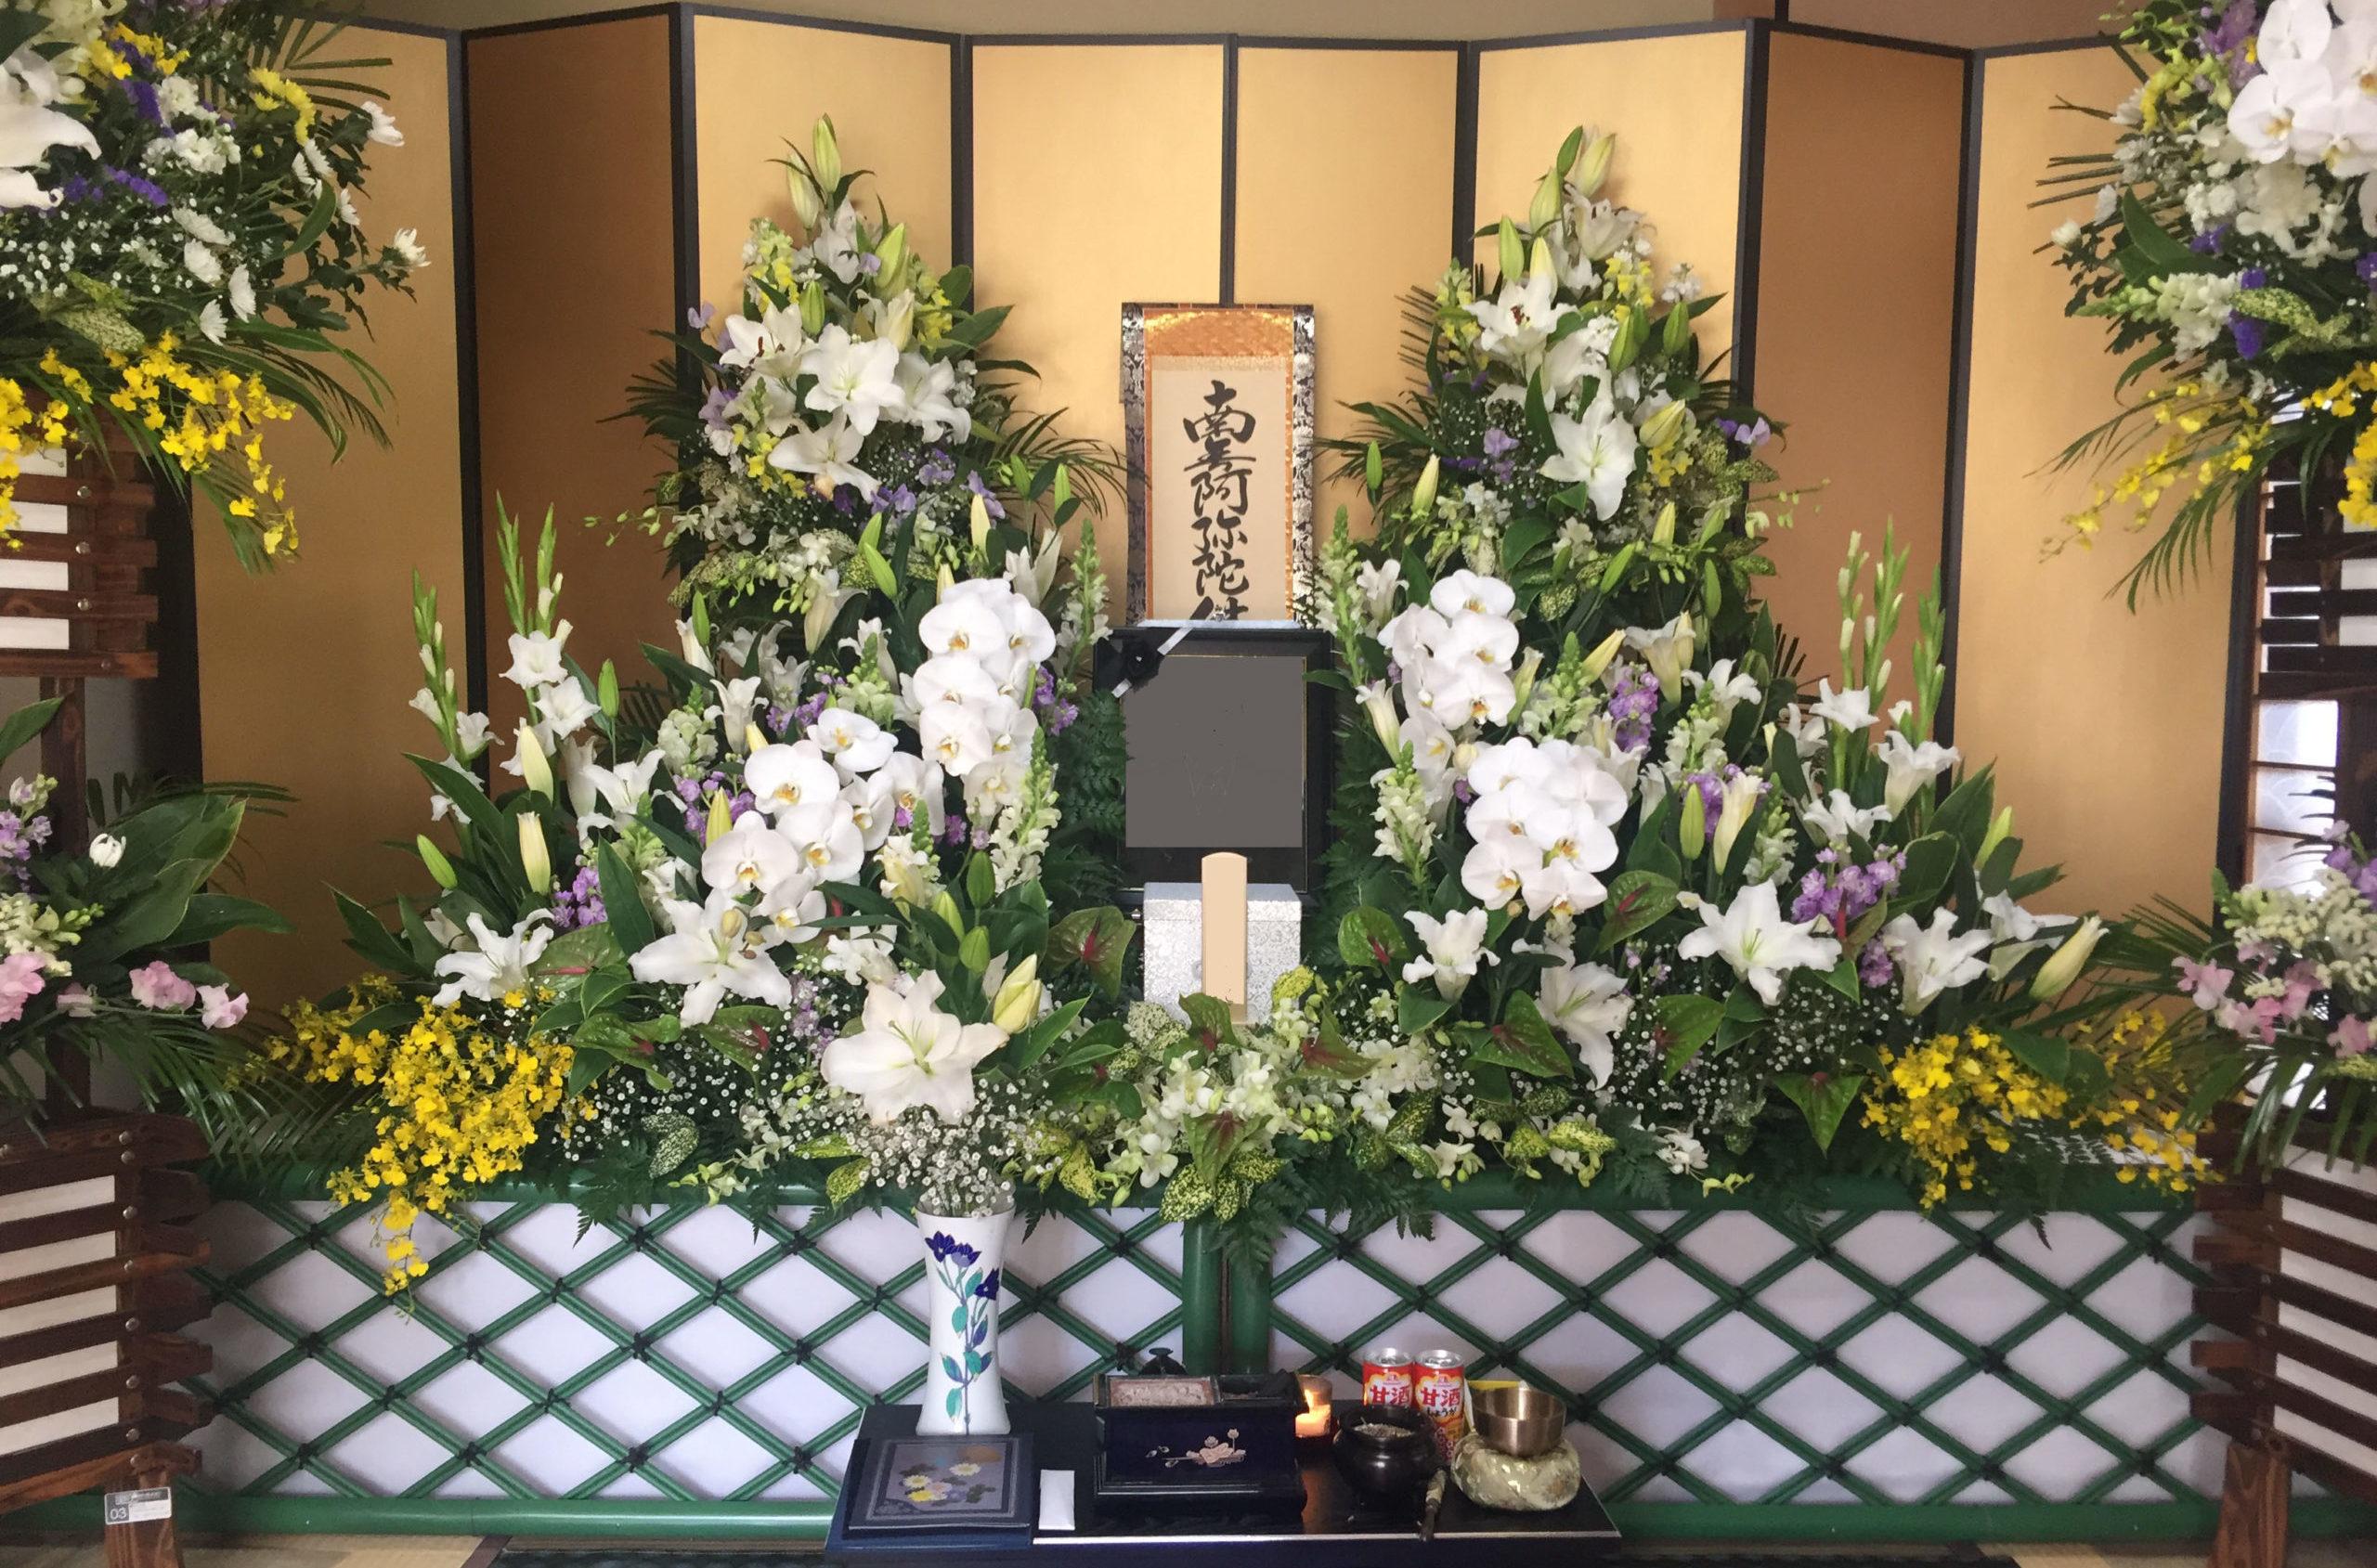 自宅葬祭壇25万円